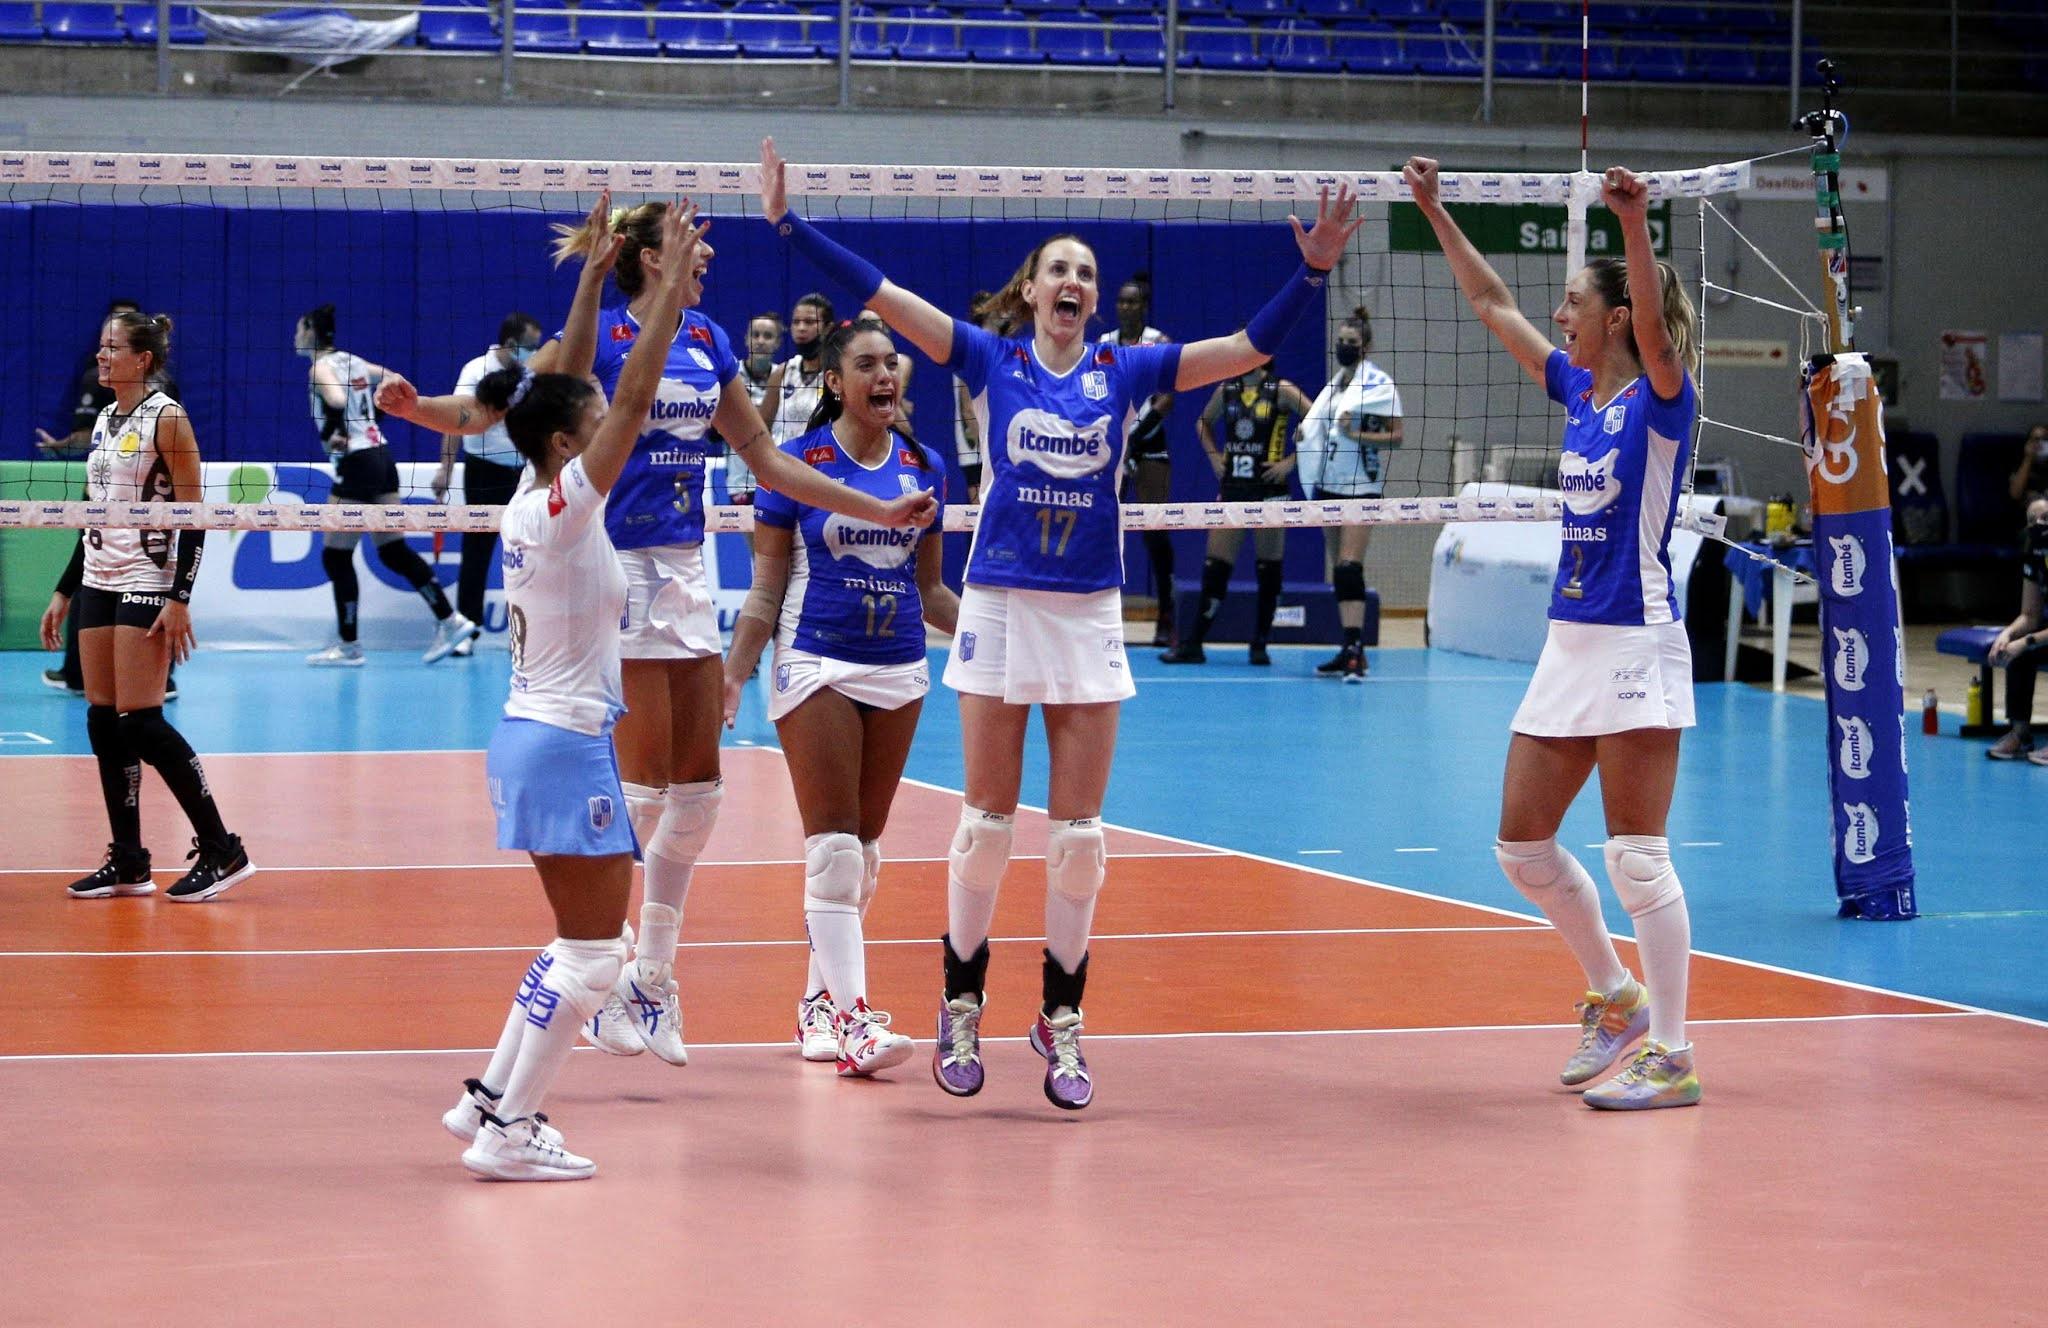 Itambé/Minas comemorando vitória em cima do Praia Clube